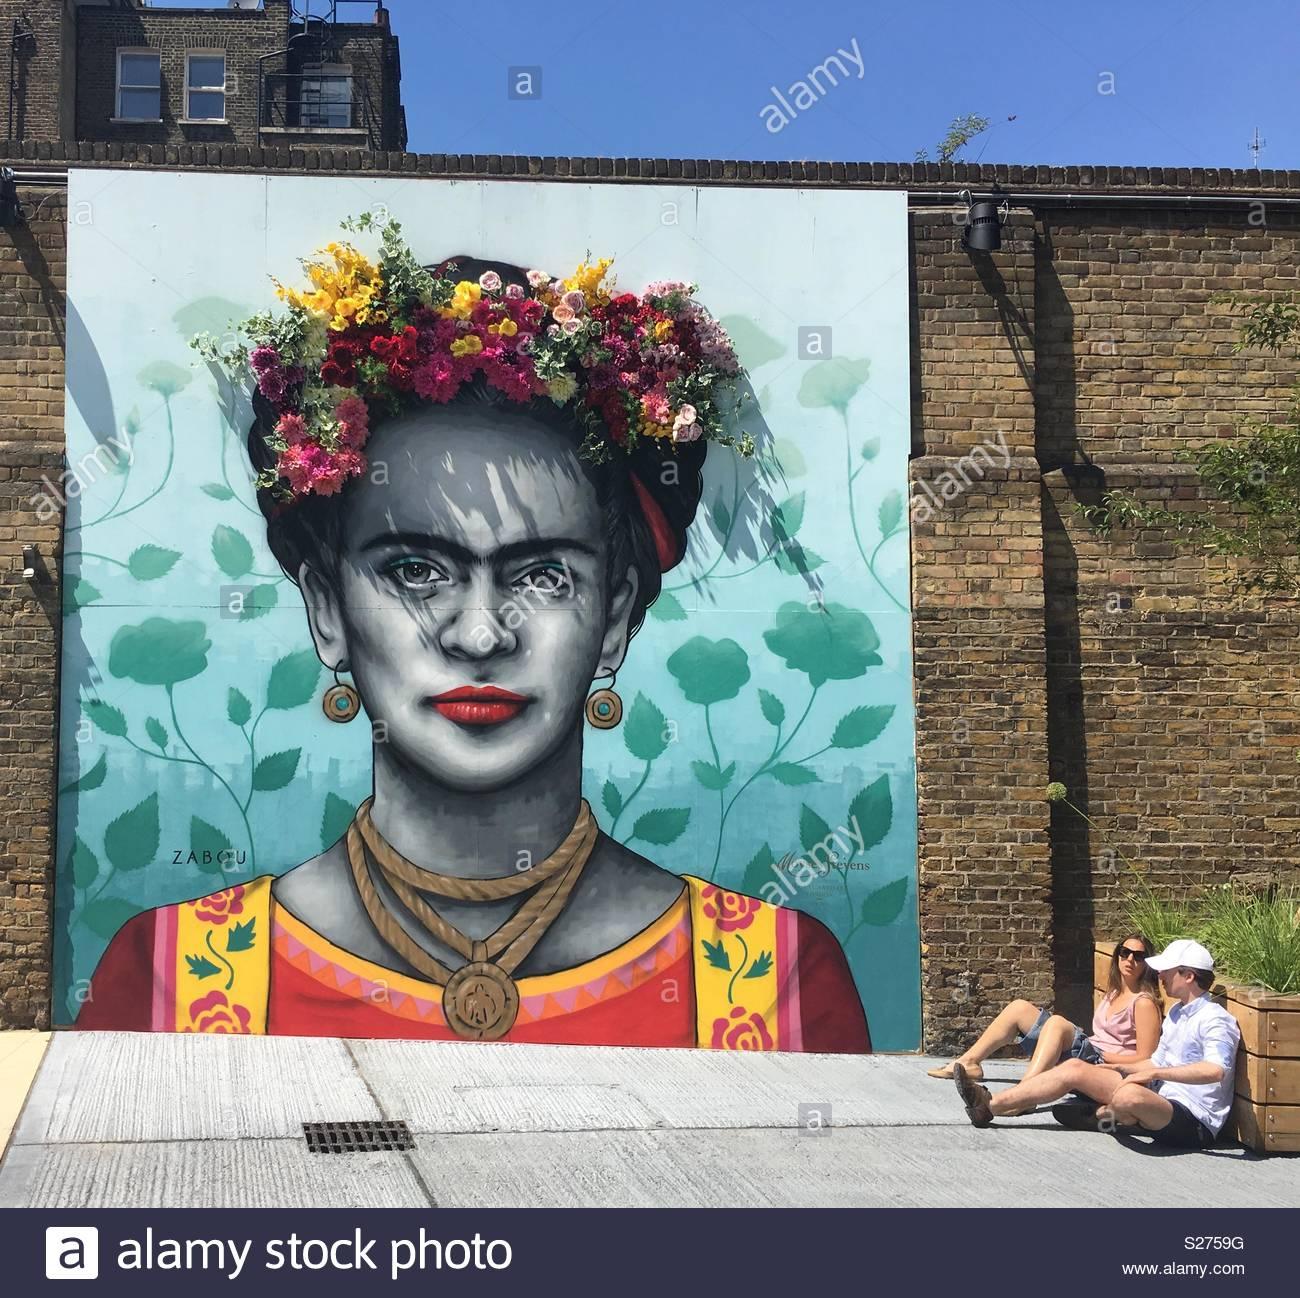 Frida Kahlo murale con fiori freschi da Zabou in Victoria, Londra Immagini Stock